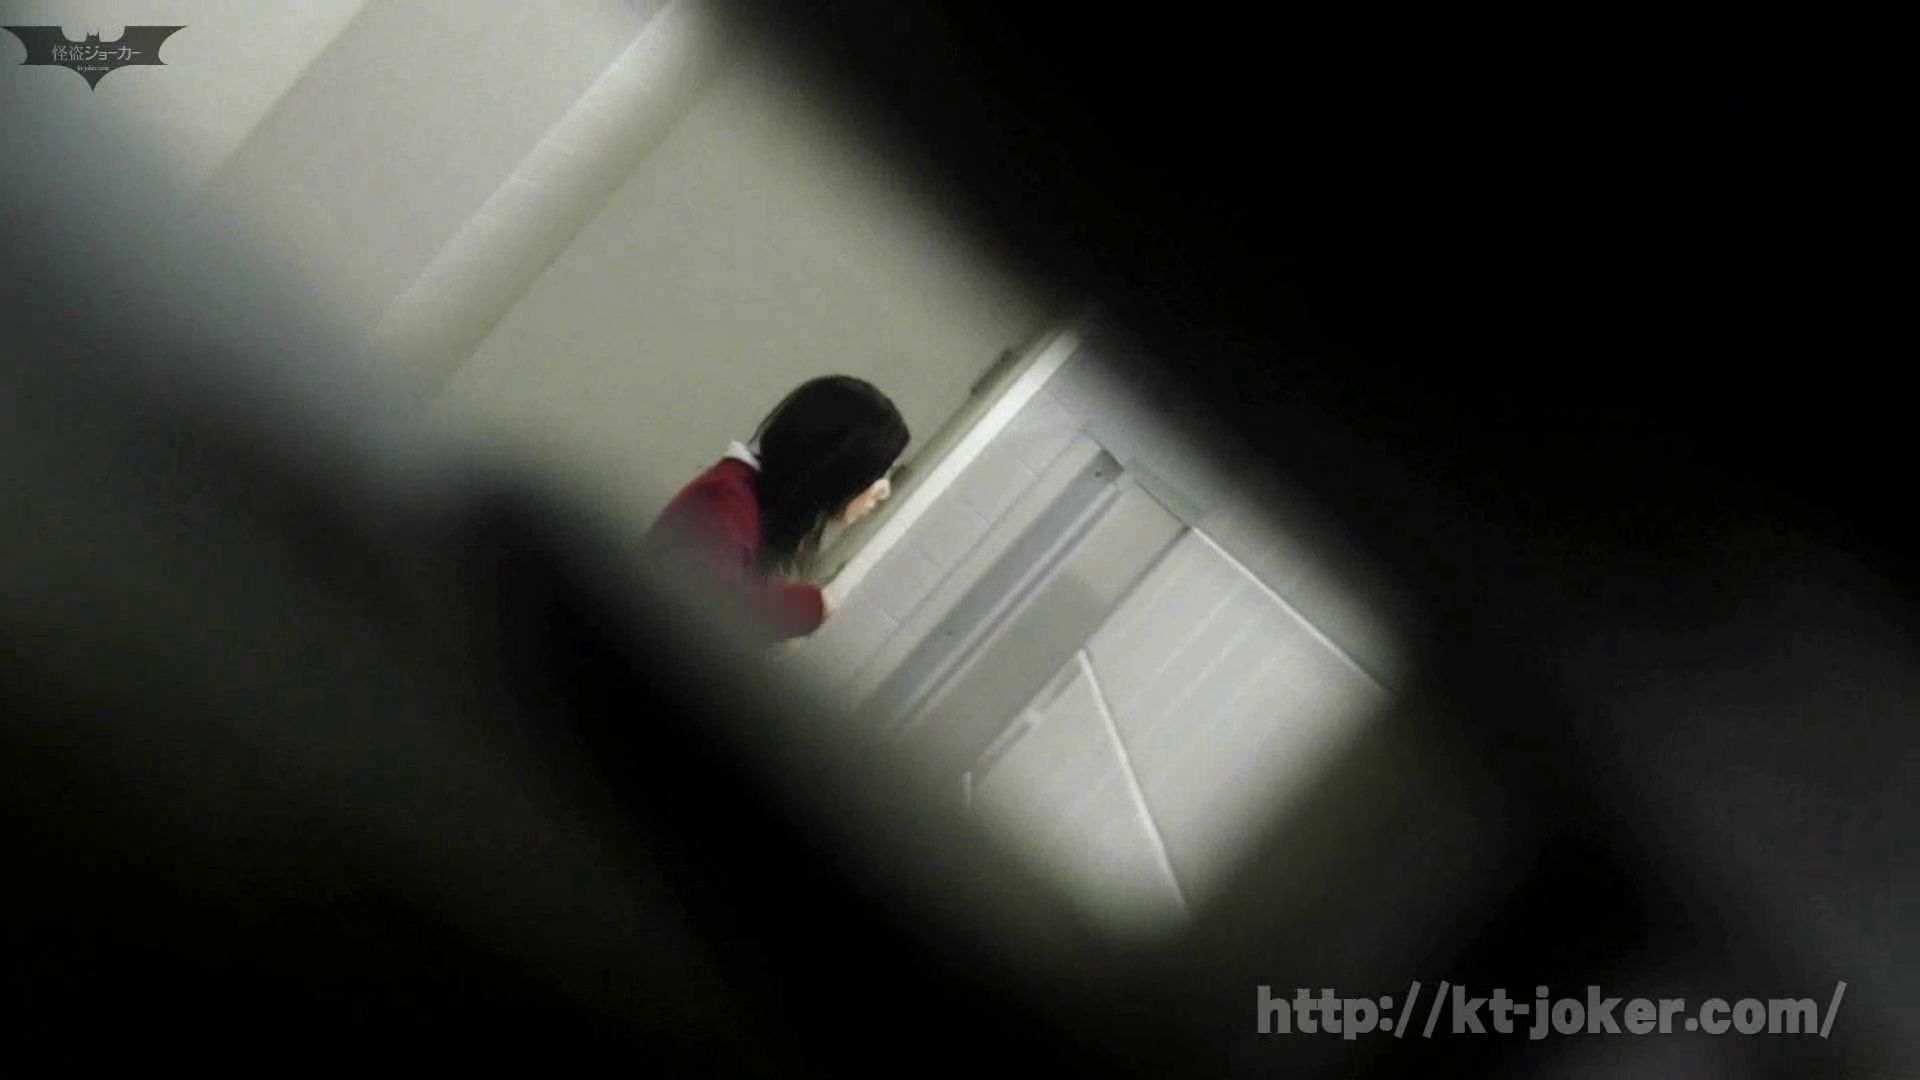 命がけ潜伏洗面所! vol.56 ピンチ!!「鏡の前で祈る女性」にばれる危機 洗面所はめどり | プライベート  57画像 4